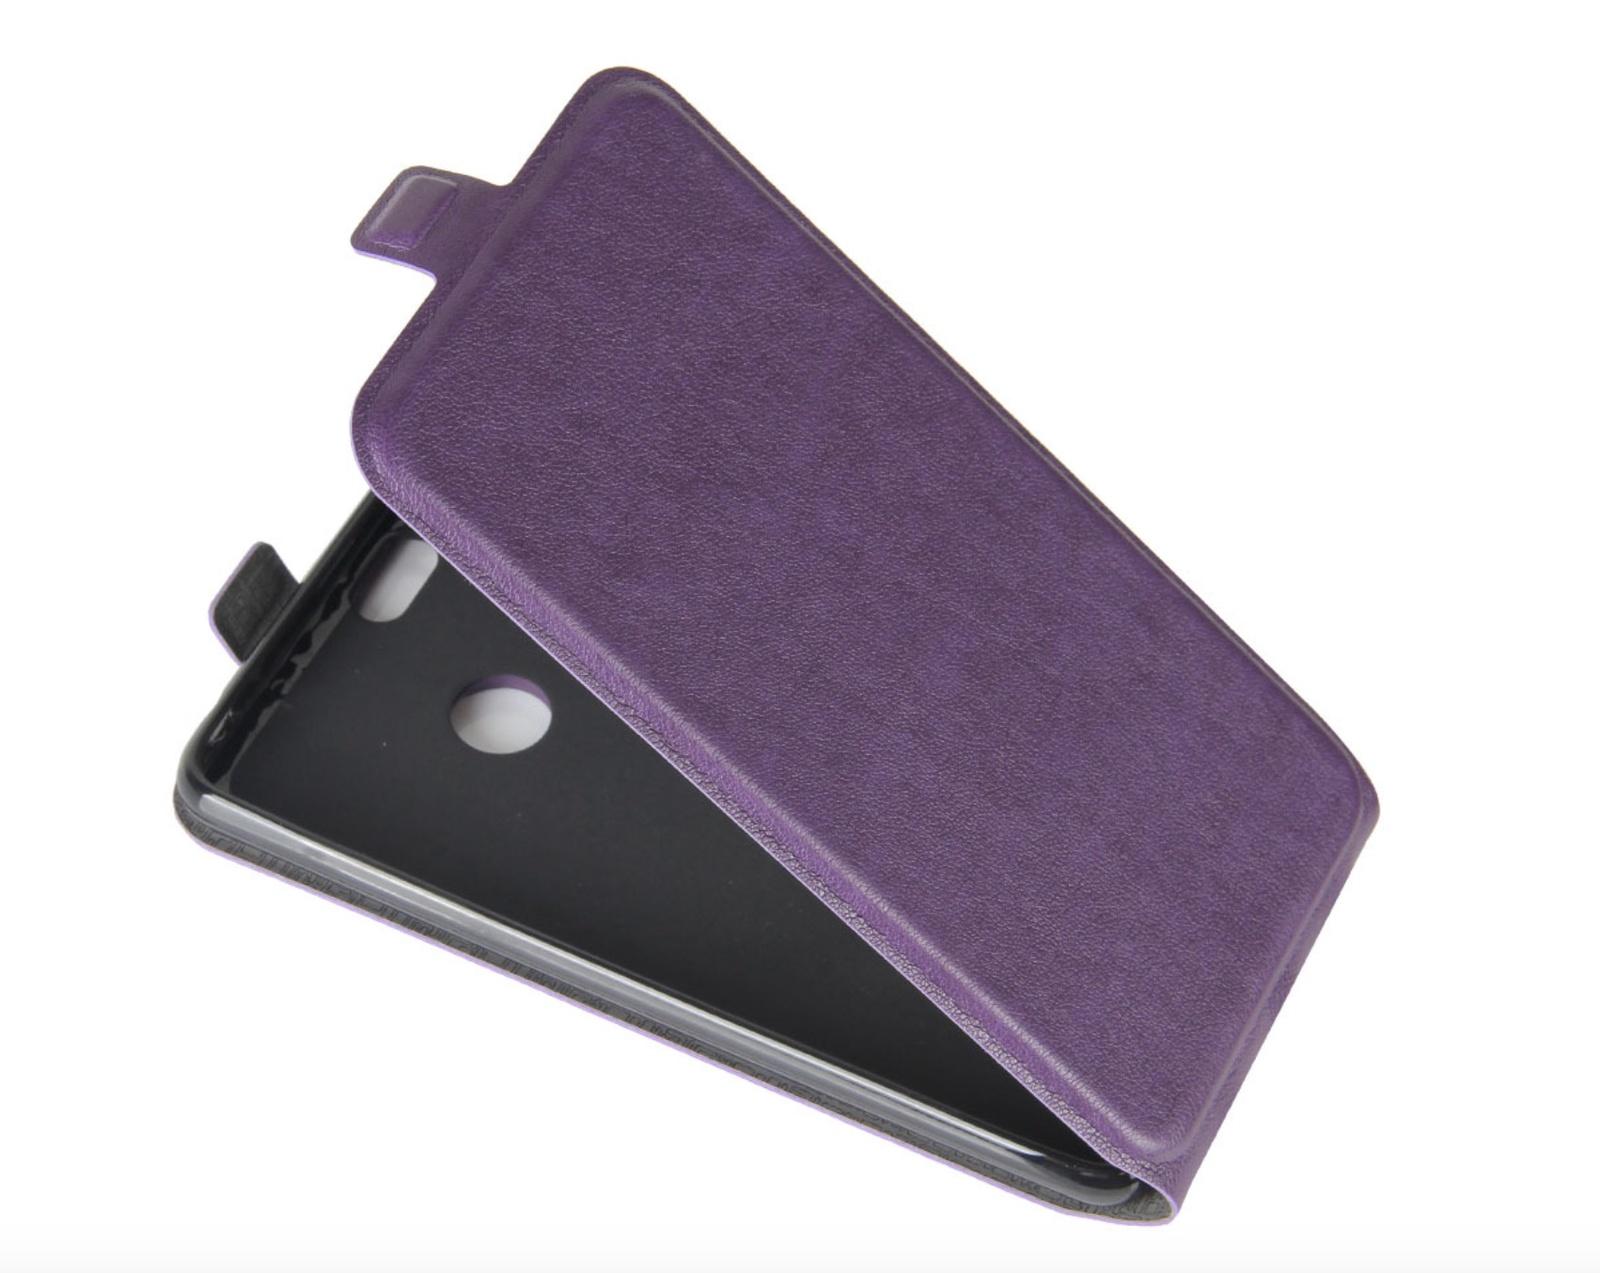 Чехол-флип MyPads для Samsung Galaxy A5 SM-A520F (2017) вертикальный откидной фиолетовый аксессуар чехол для samsung galaxy a5 2017 a520f gecko book gold g book sama5 2017 gold